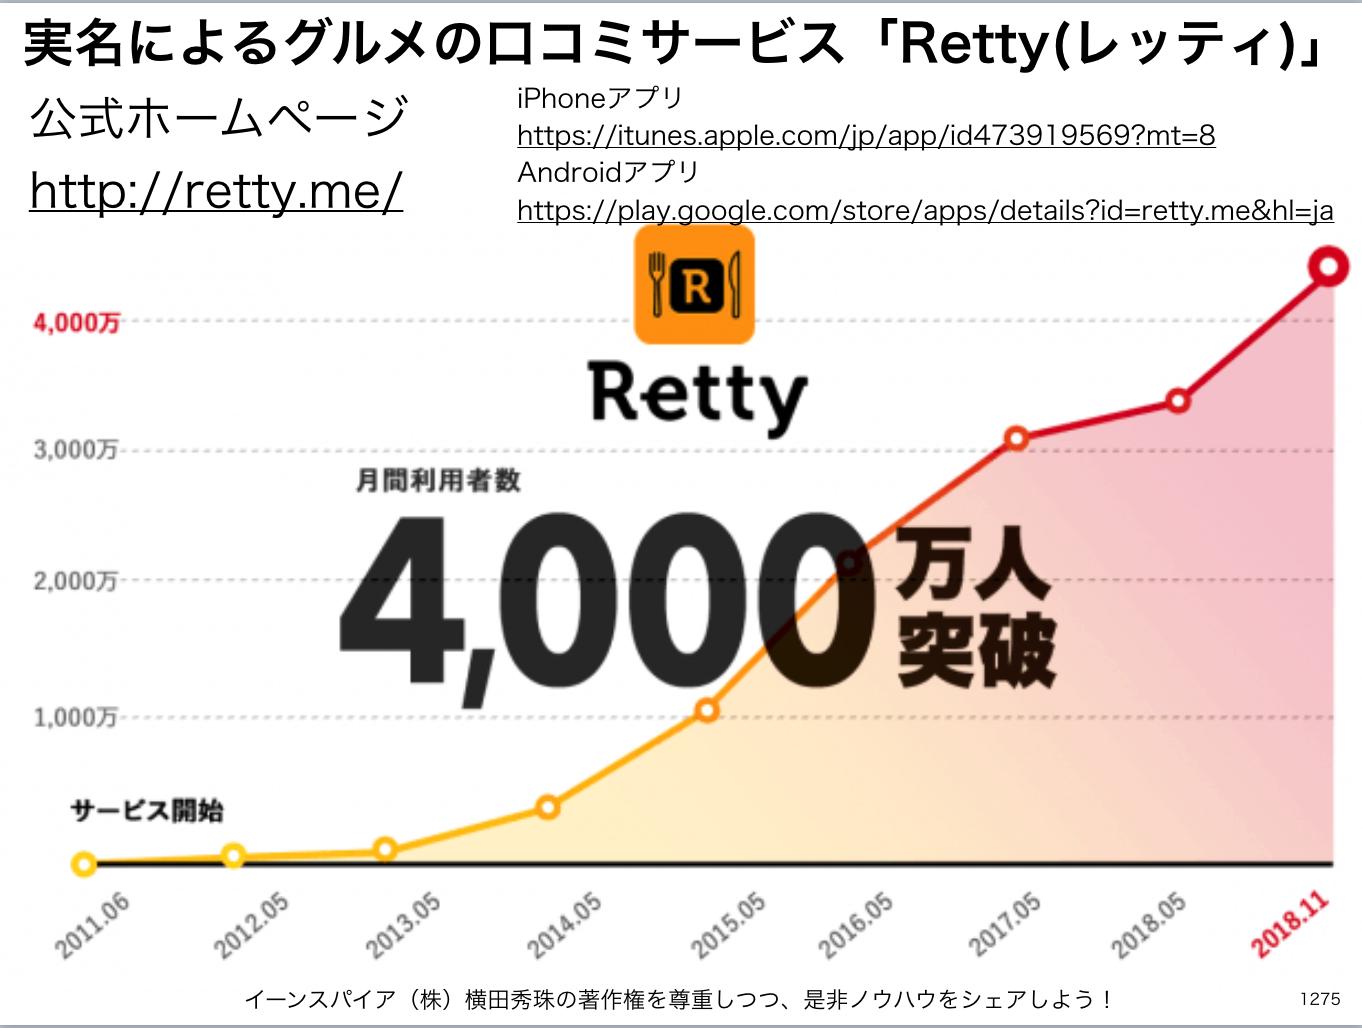 #Retty #レッティ に関するニュースや記事まとめ(随時更新)